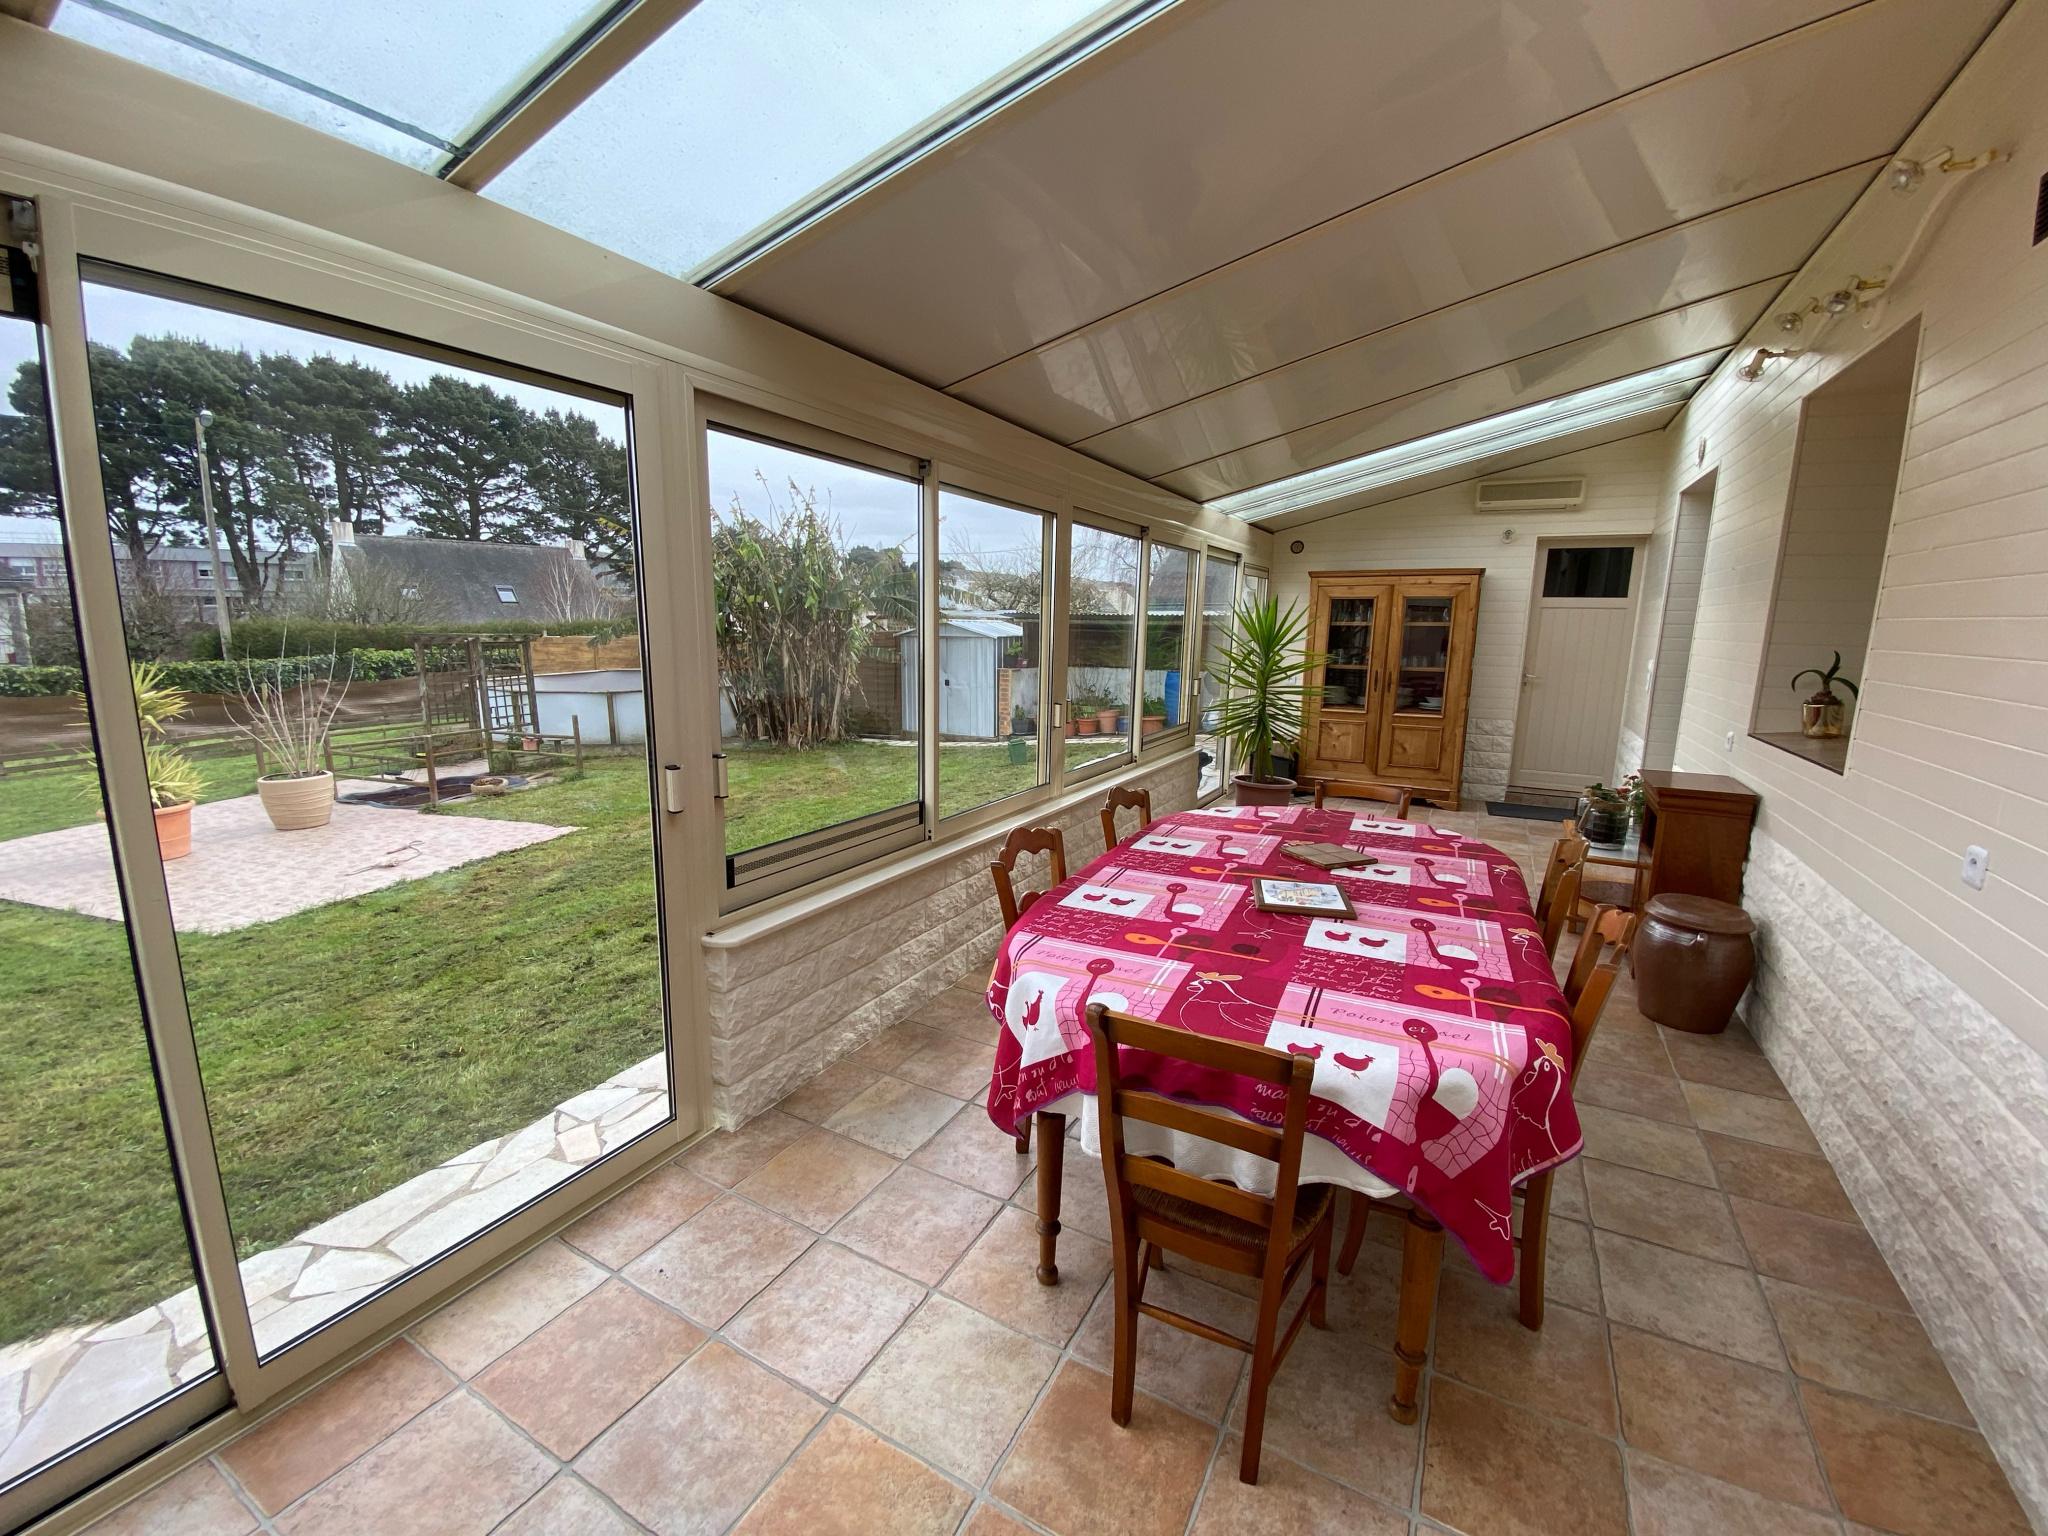 Vente Guerande Maison 3 Chambres A Vendre Pour Famille A Guerande Reve Immobilier